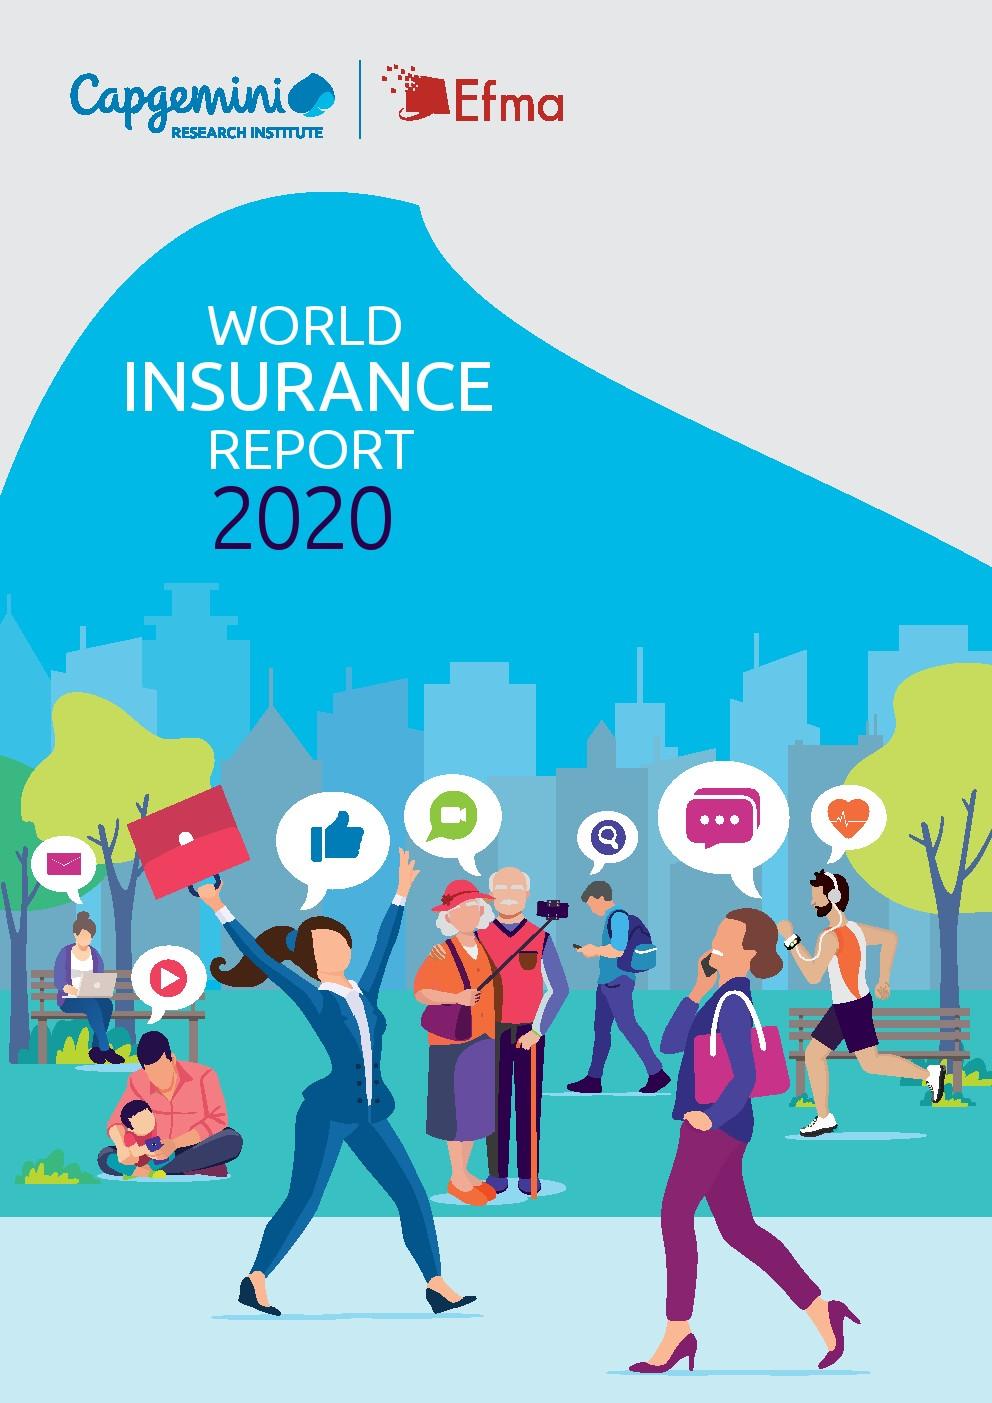 凯捷:2020年全球保险报告